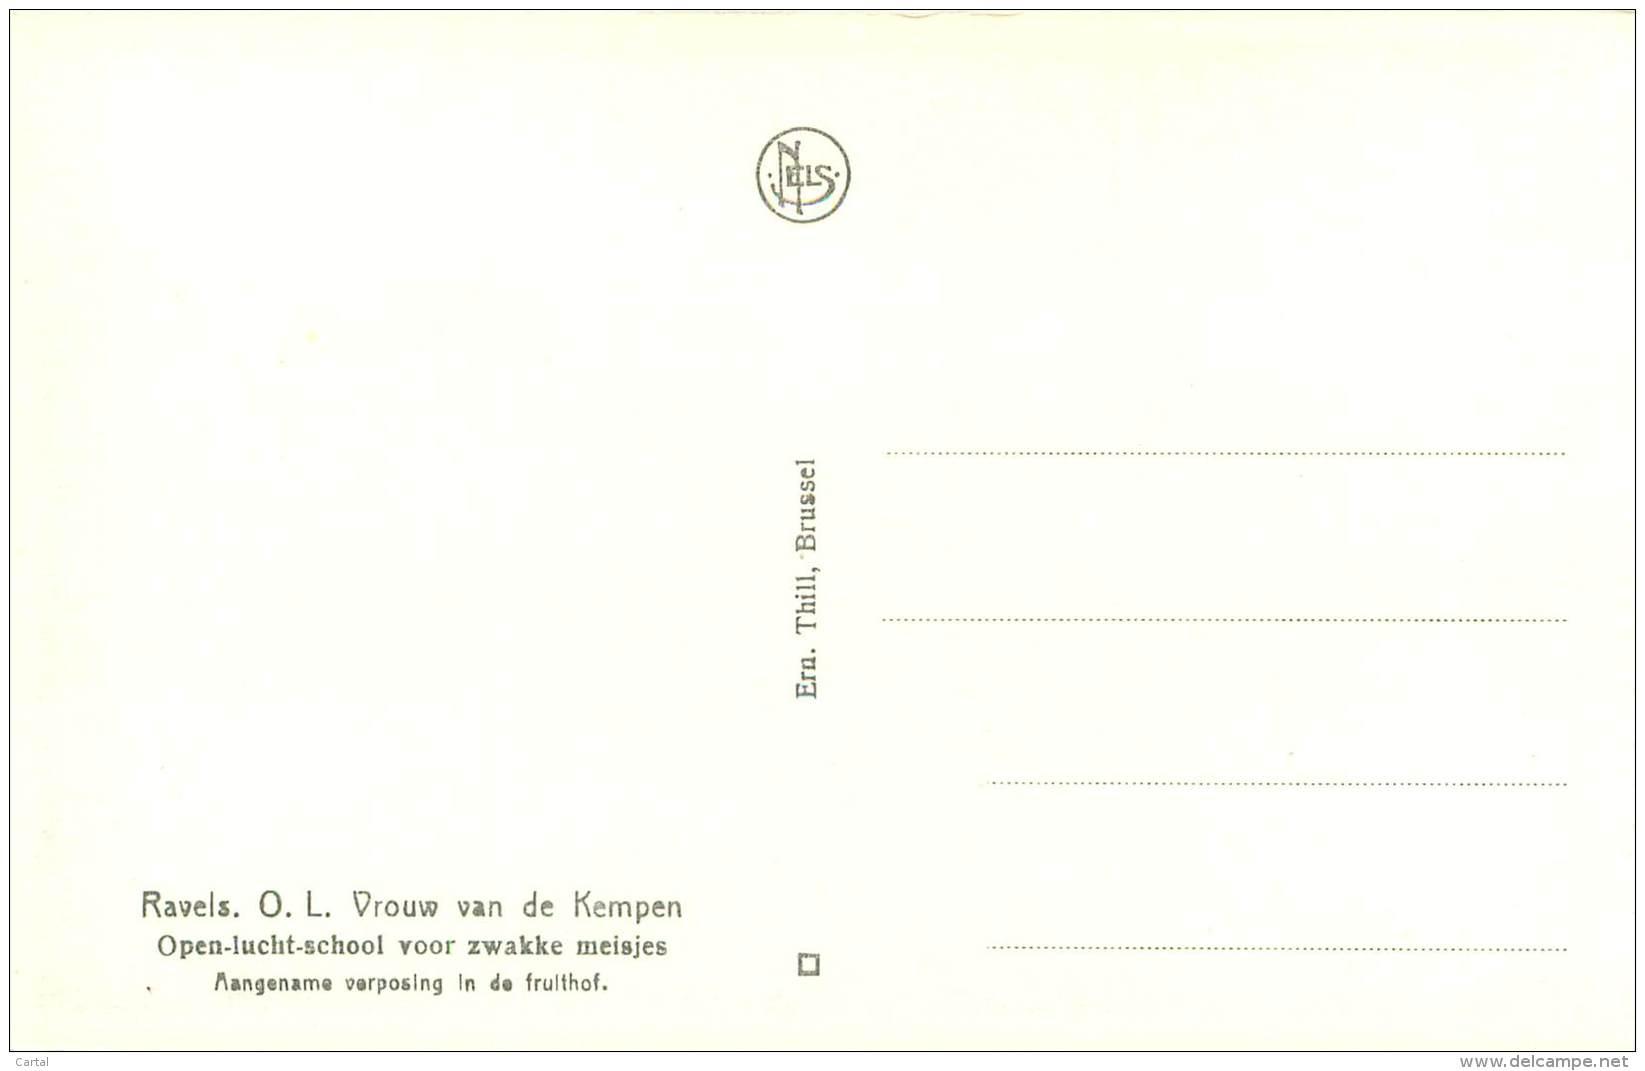 RAVELS - O.L. Vrouw Van De Kempen - Aangename Verposing In De Fruithof - Ravels